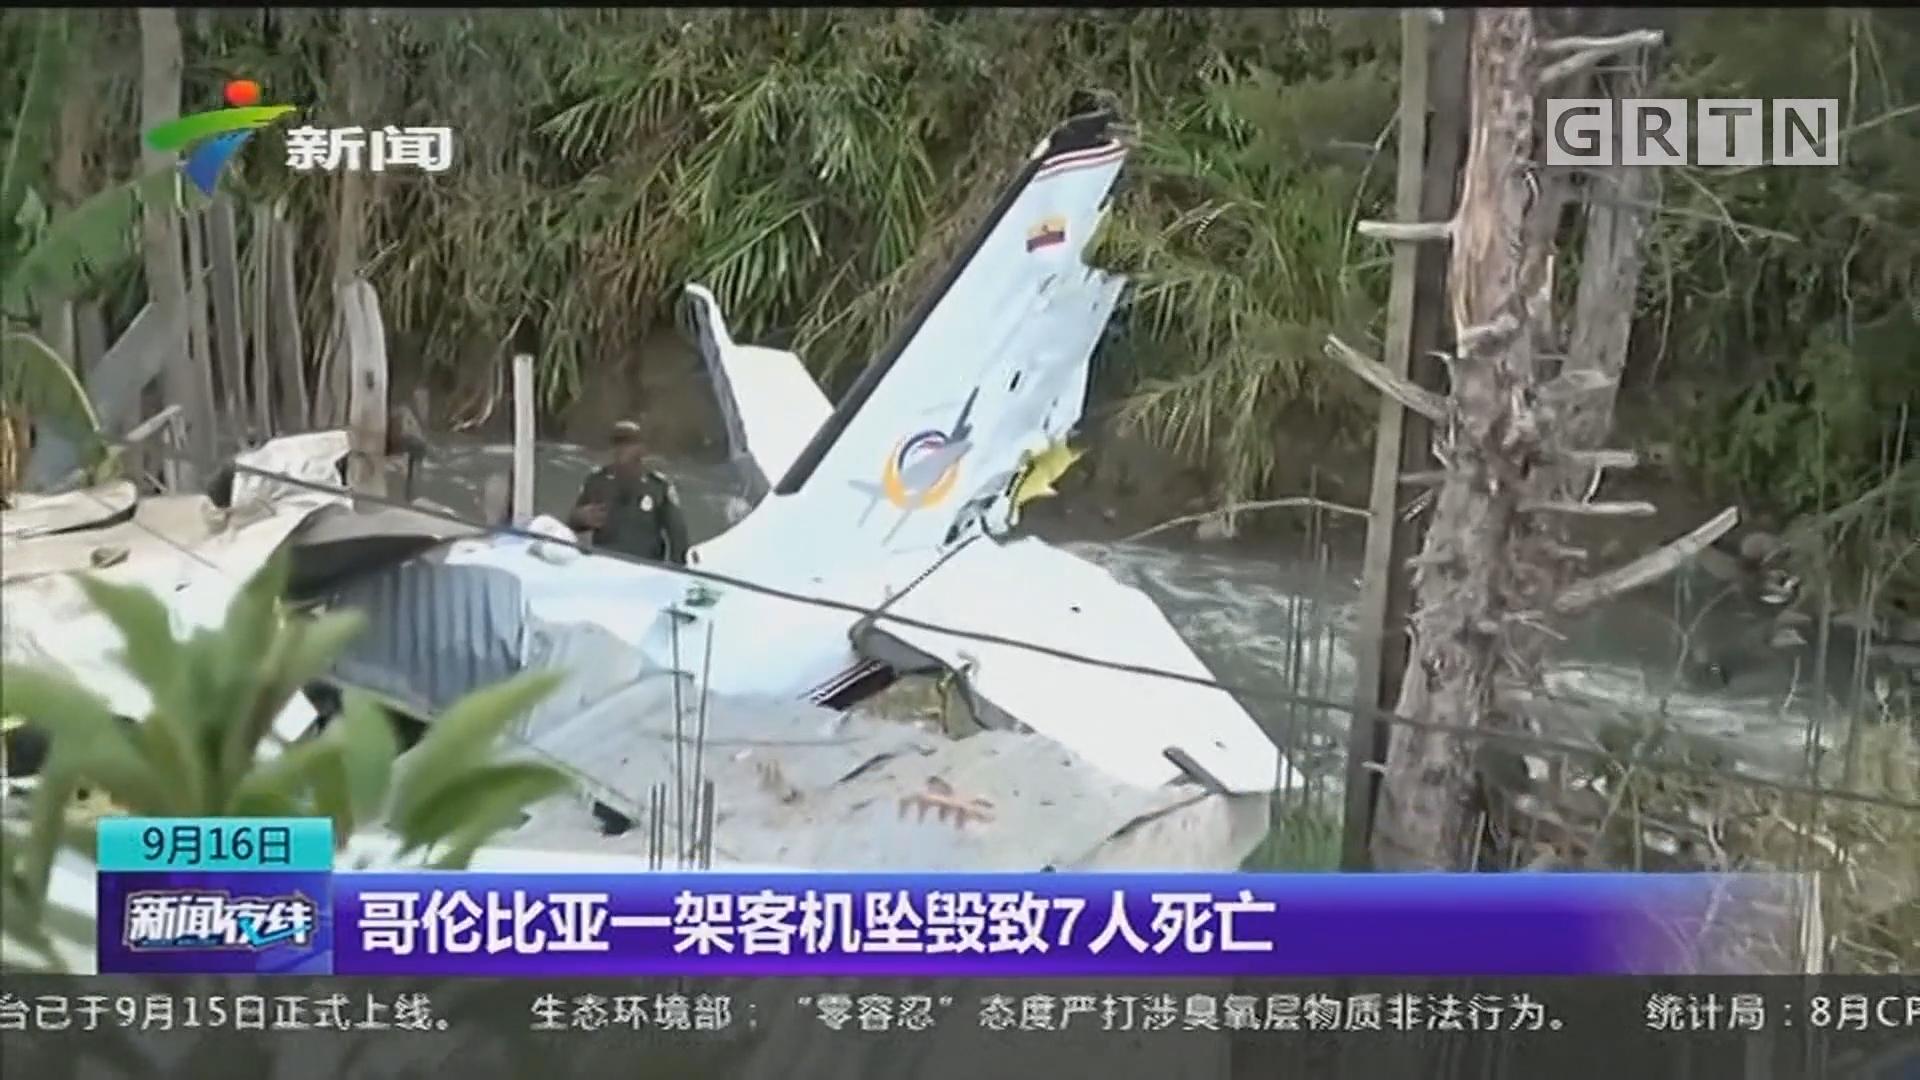 哥伦比亚一架客机坠毁致7人死亡